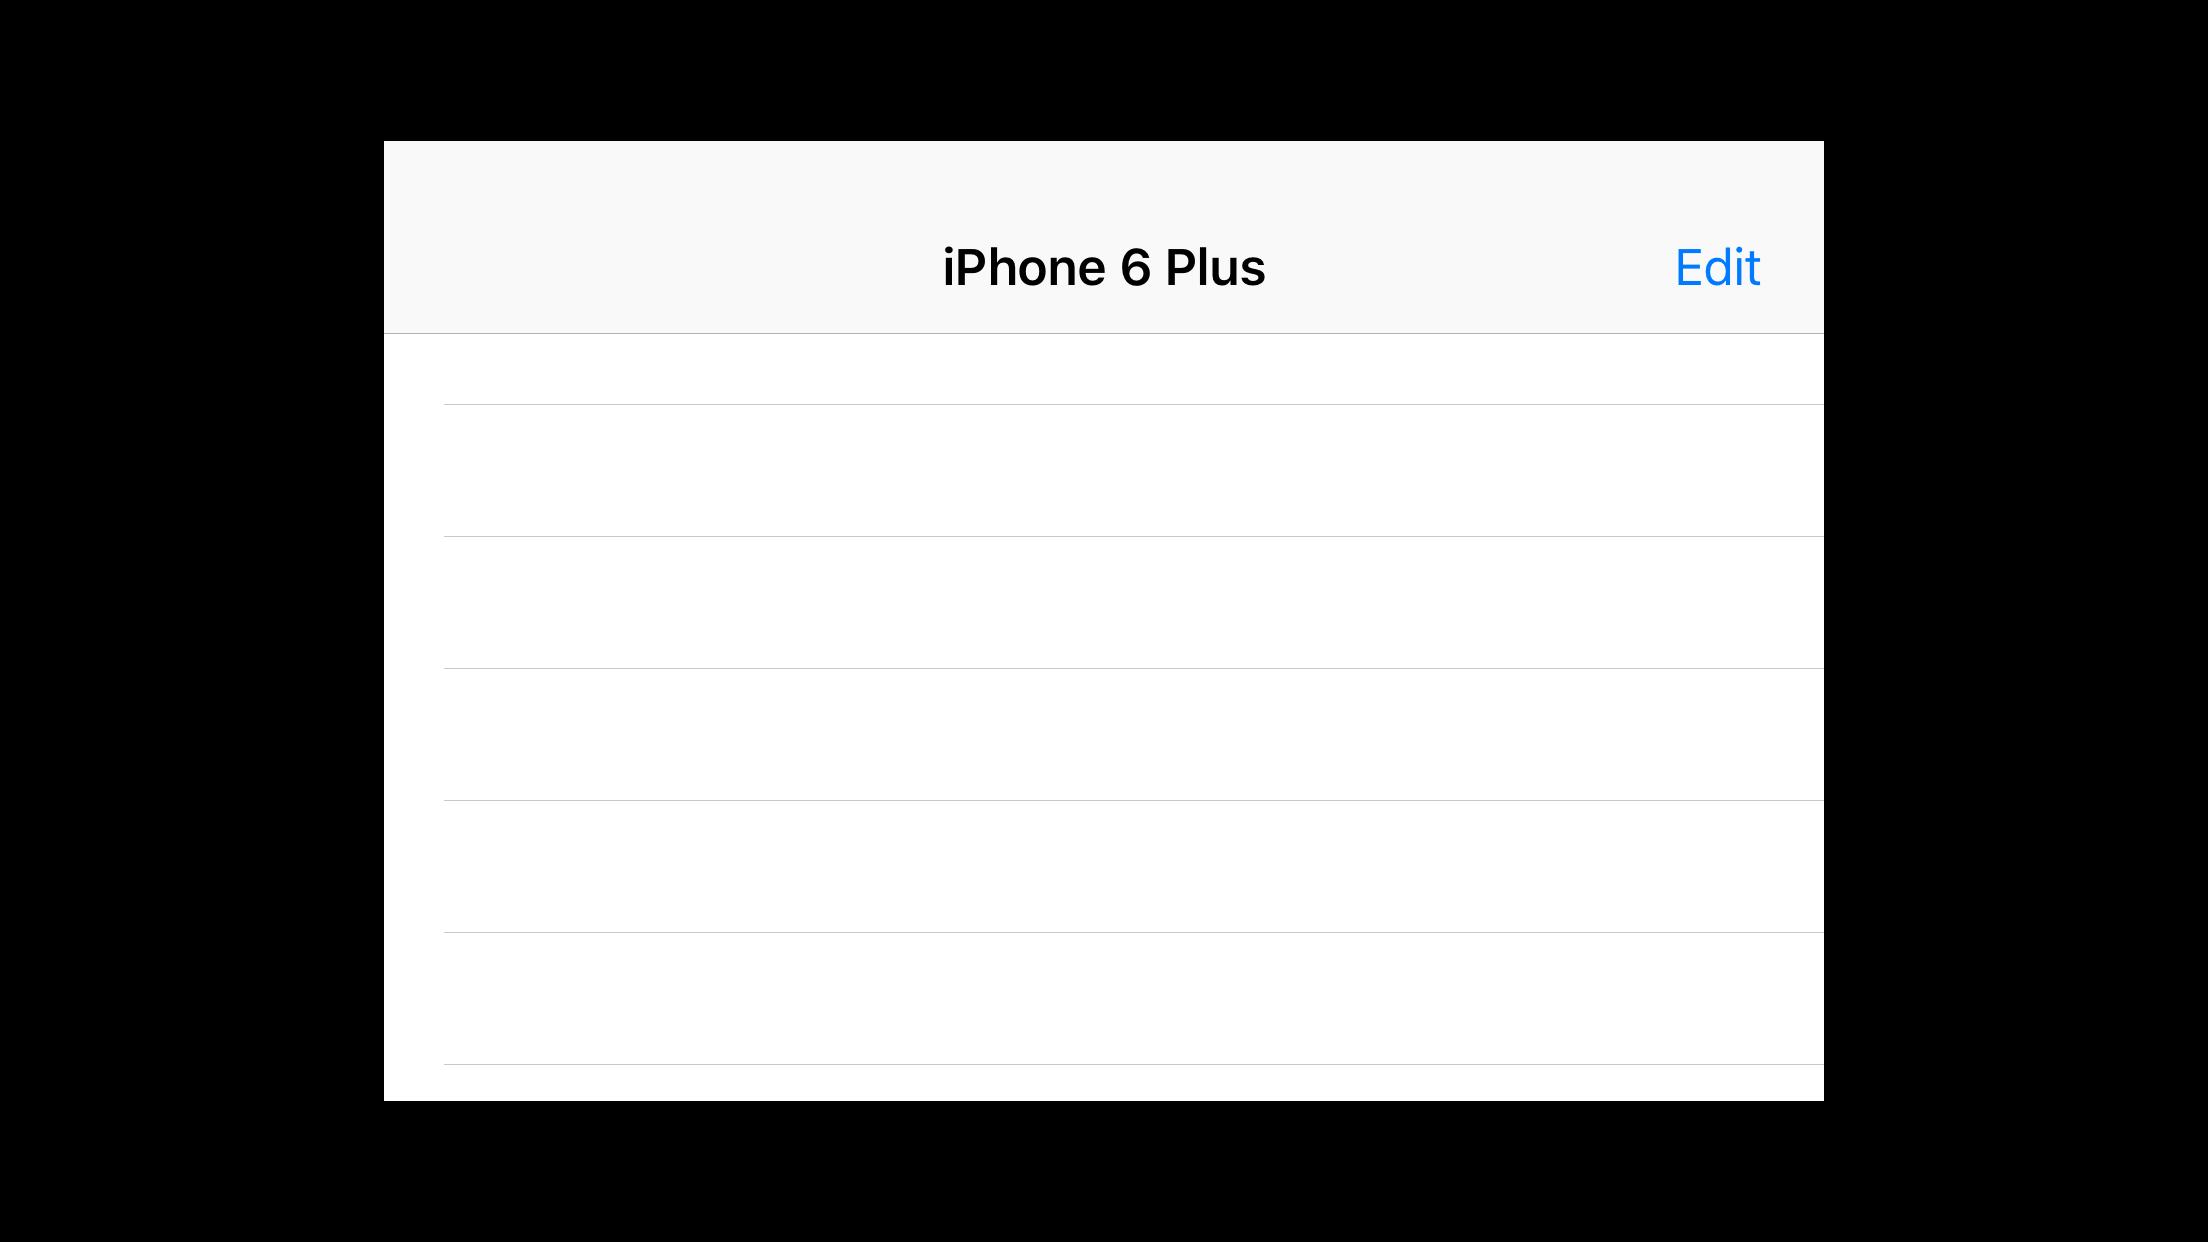 Screen Shot 2017-04-28 at 10.54.36.png